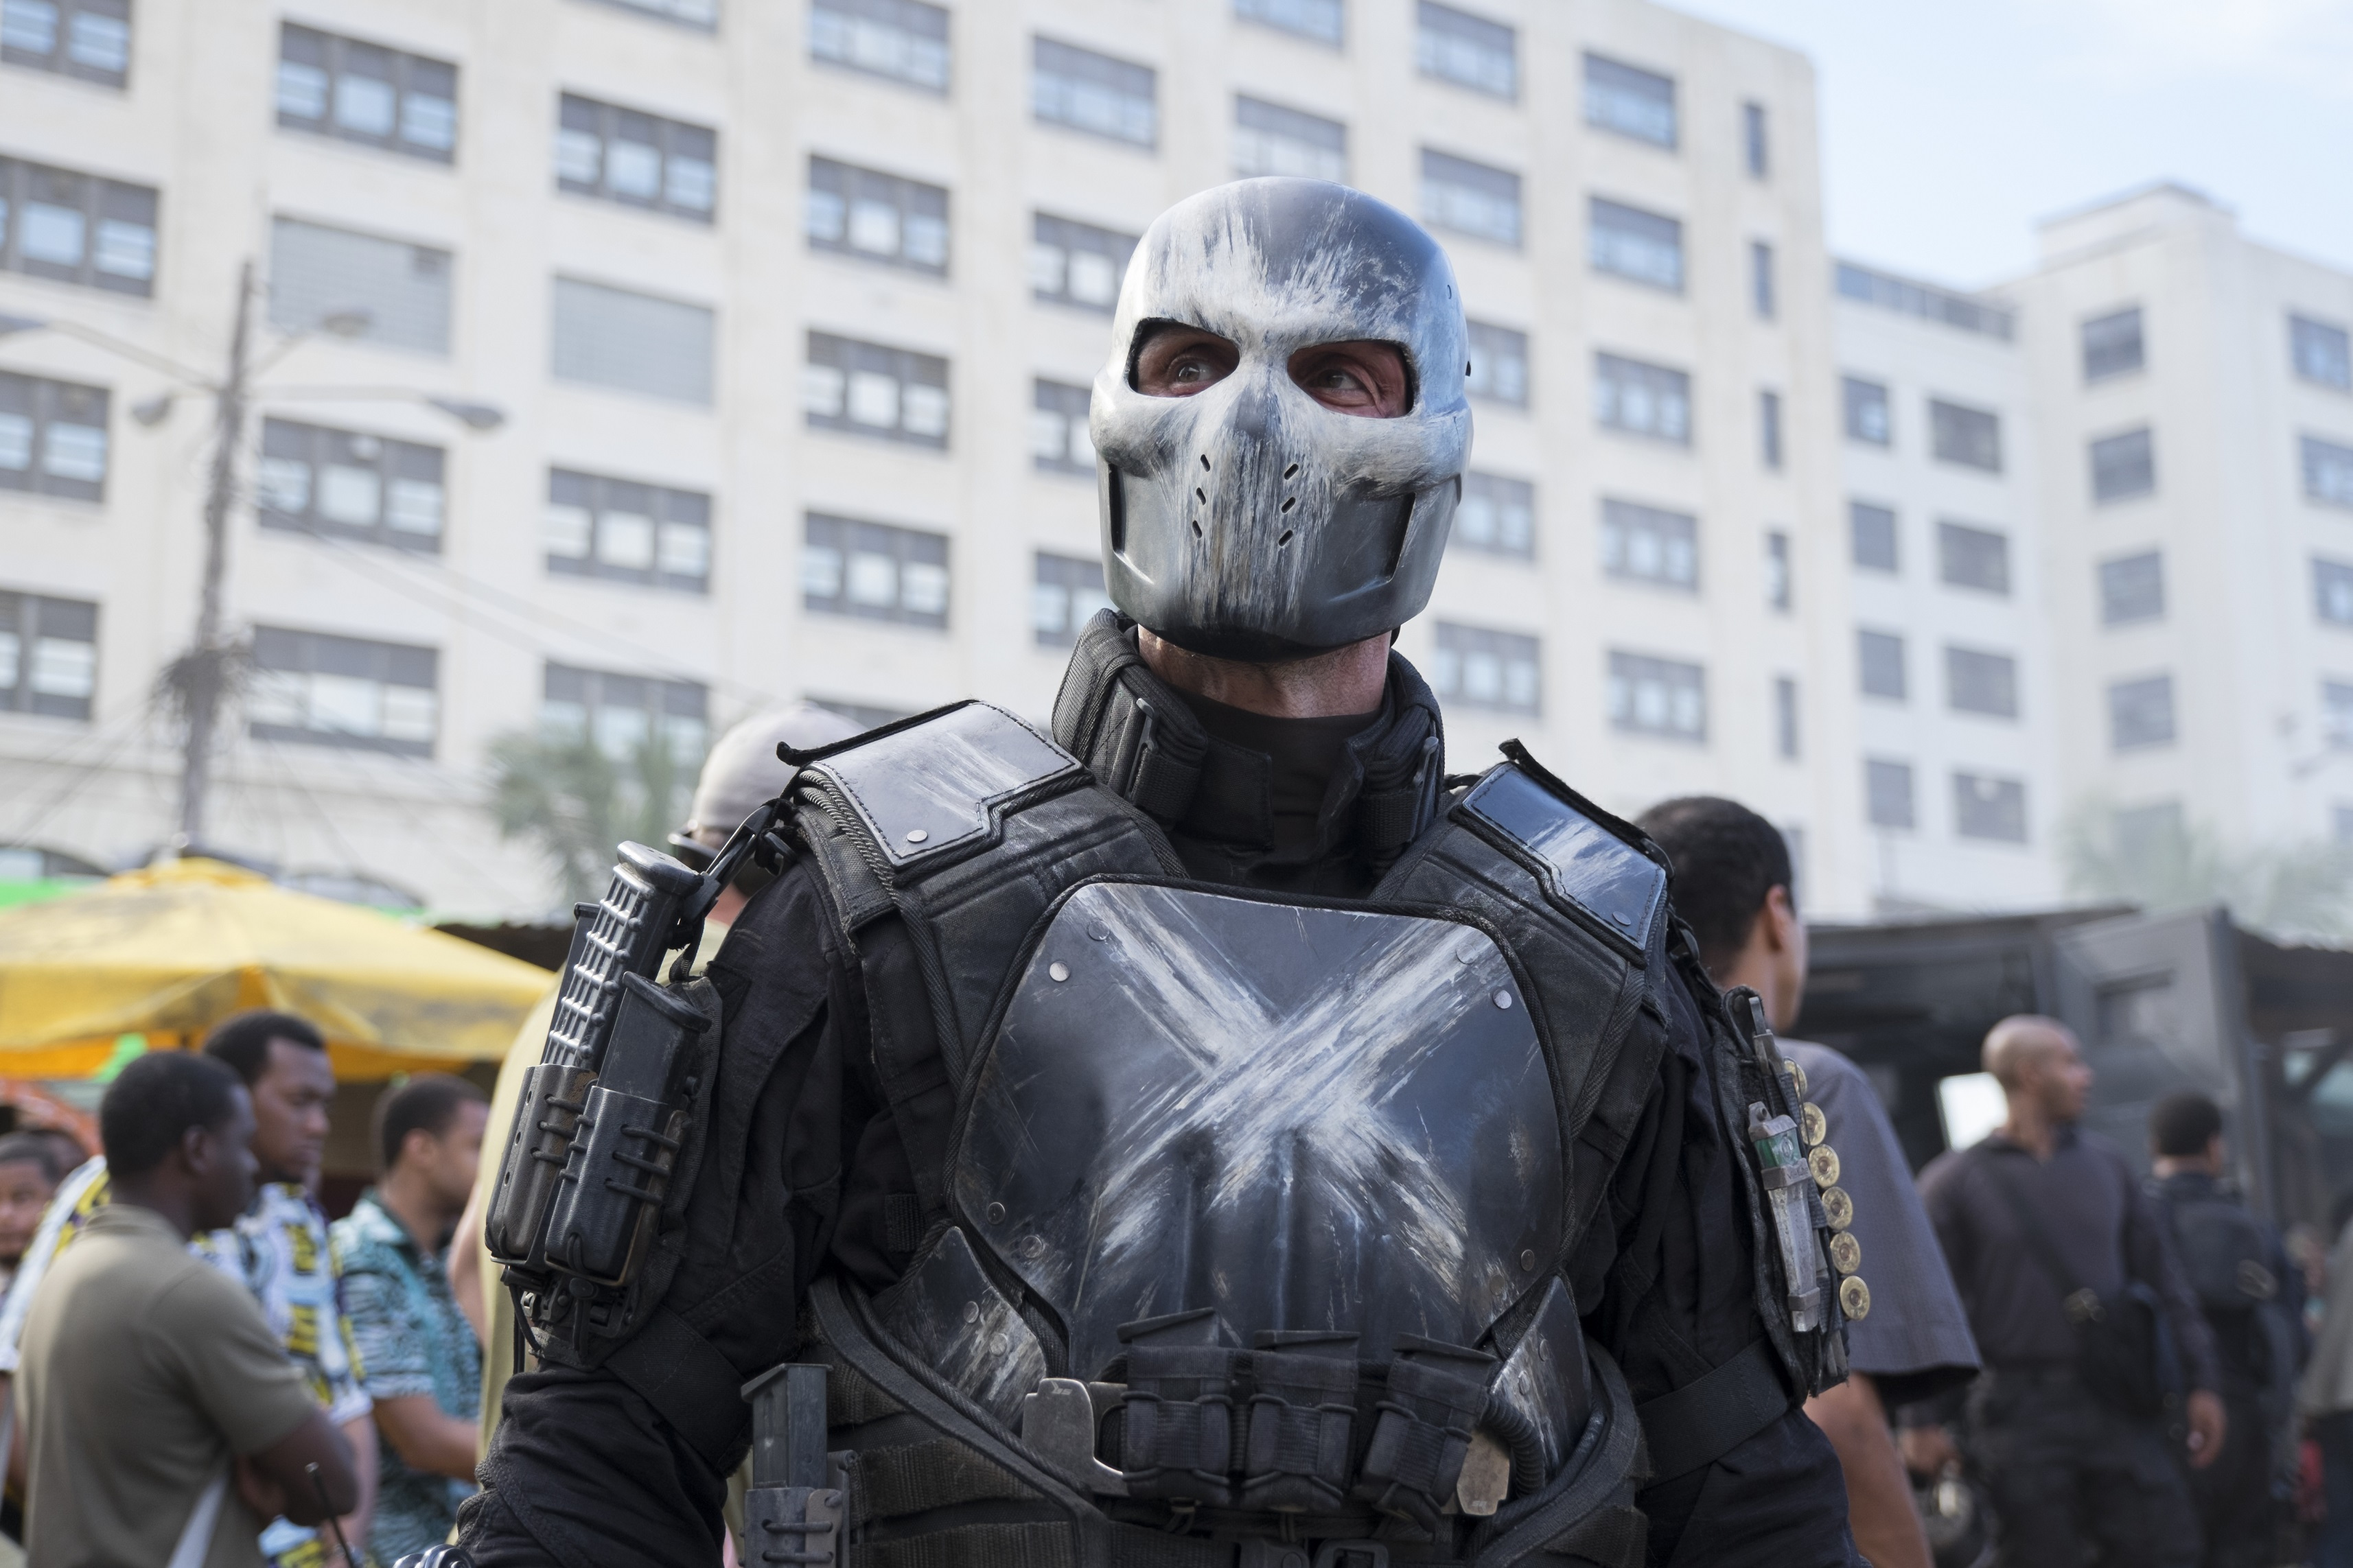 《復聯4》將現記憶閃回,弗蘭克·格裡羅再演《美隊3》宿敵交叉骨